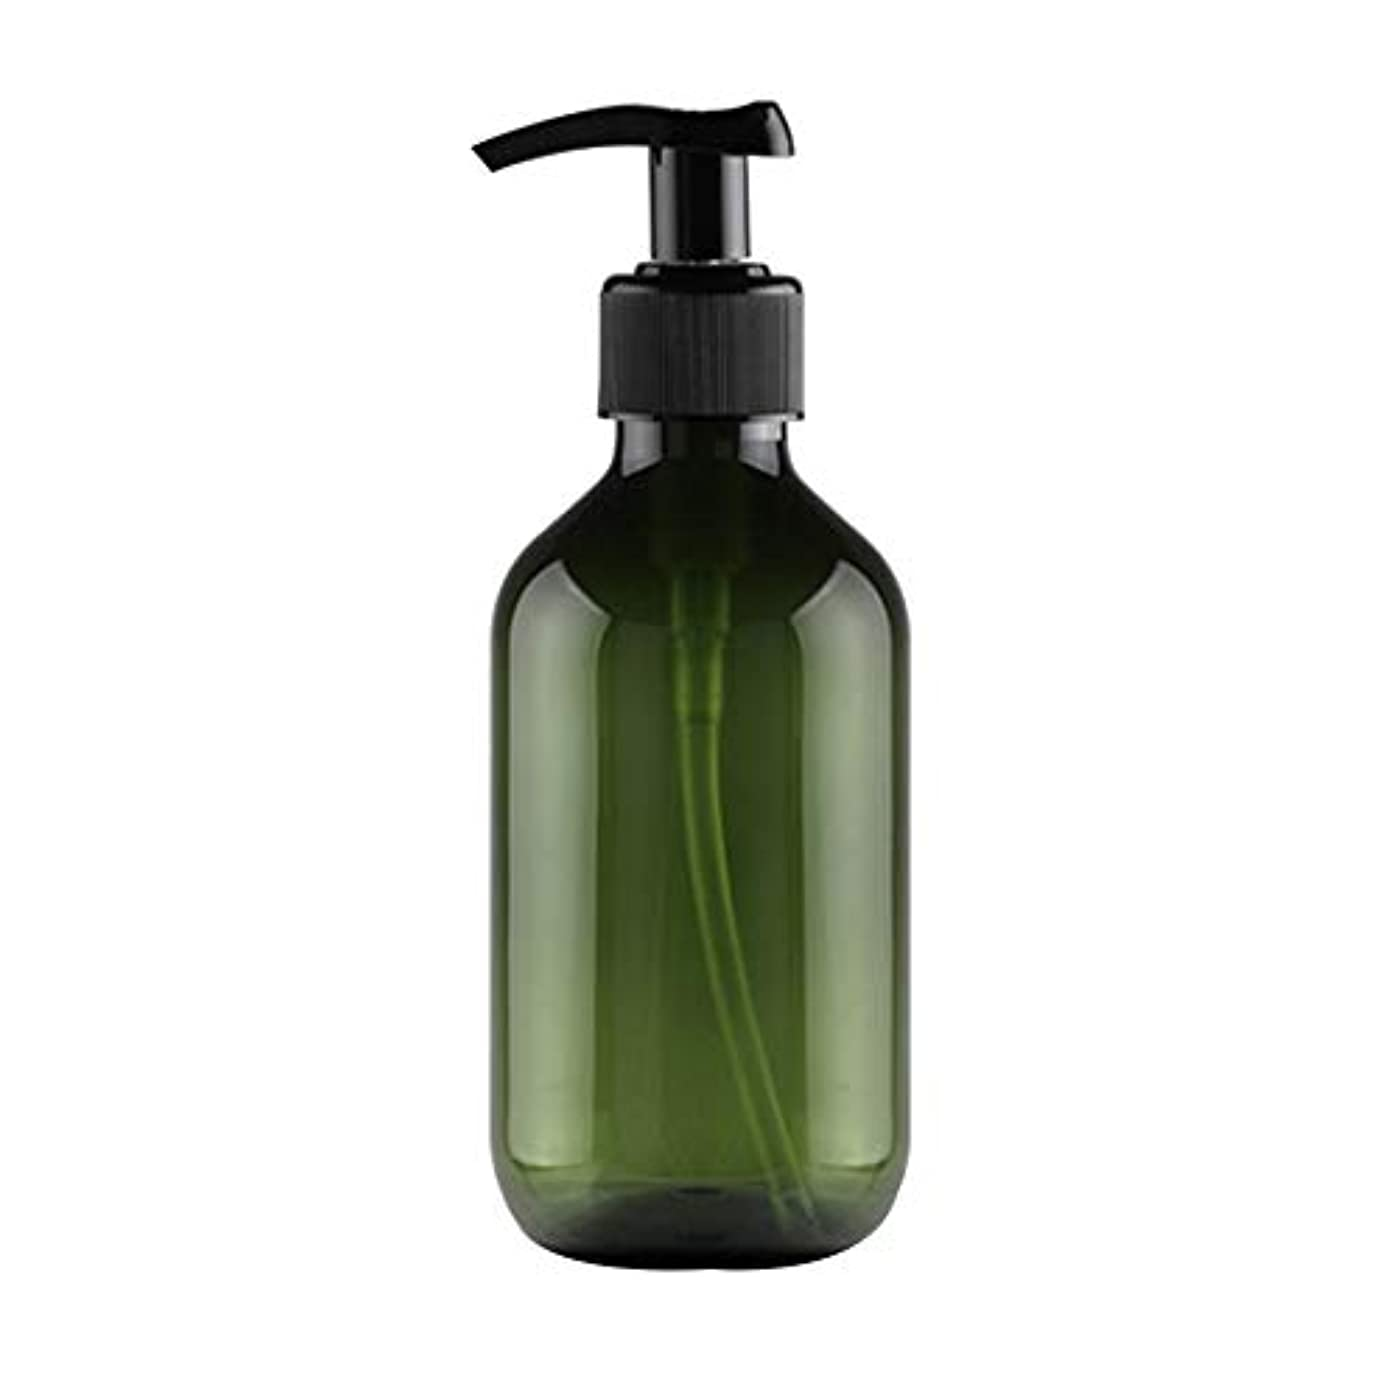 中断あなたは航海Vi.yo 小分けボトル ポンプボトル 押し式詰替用ボトル 携帯用 旅行 出張用 シャンプー 乳液など入り トラベルボトル 300ml ダークグリーン